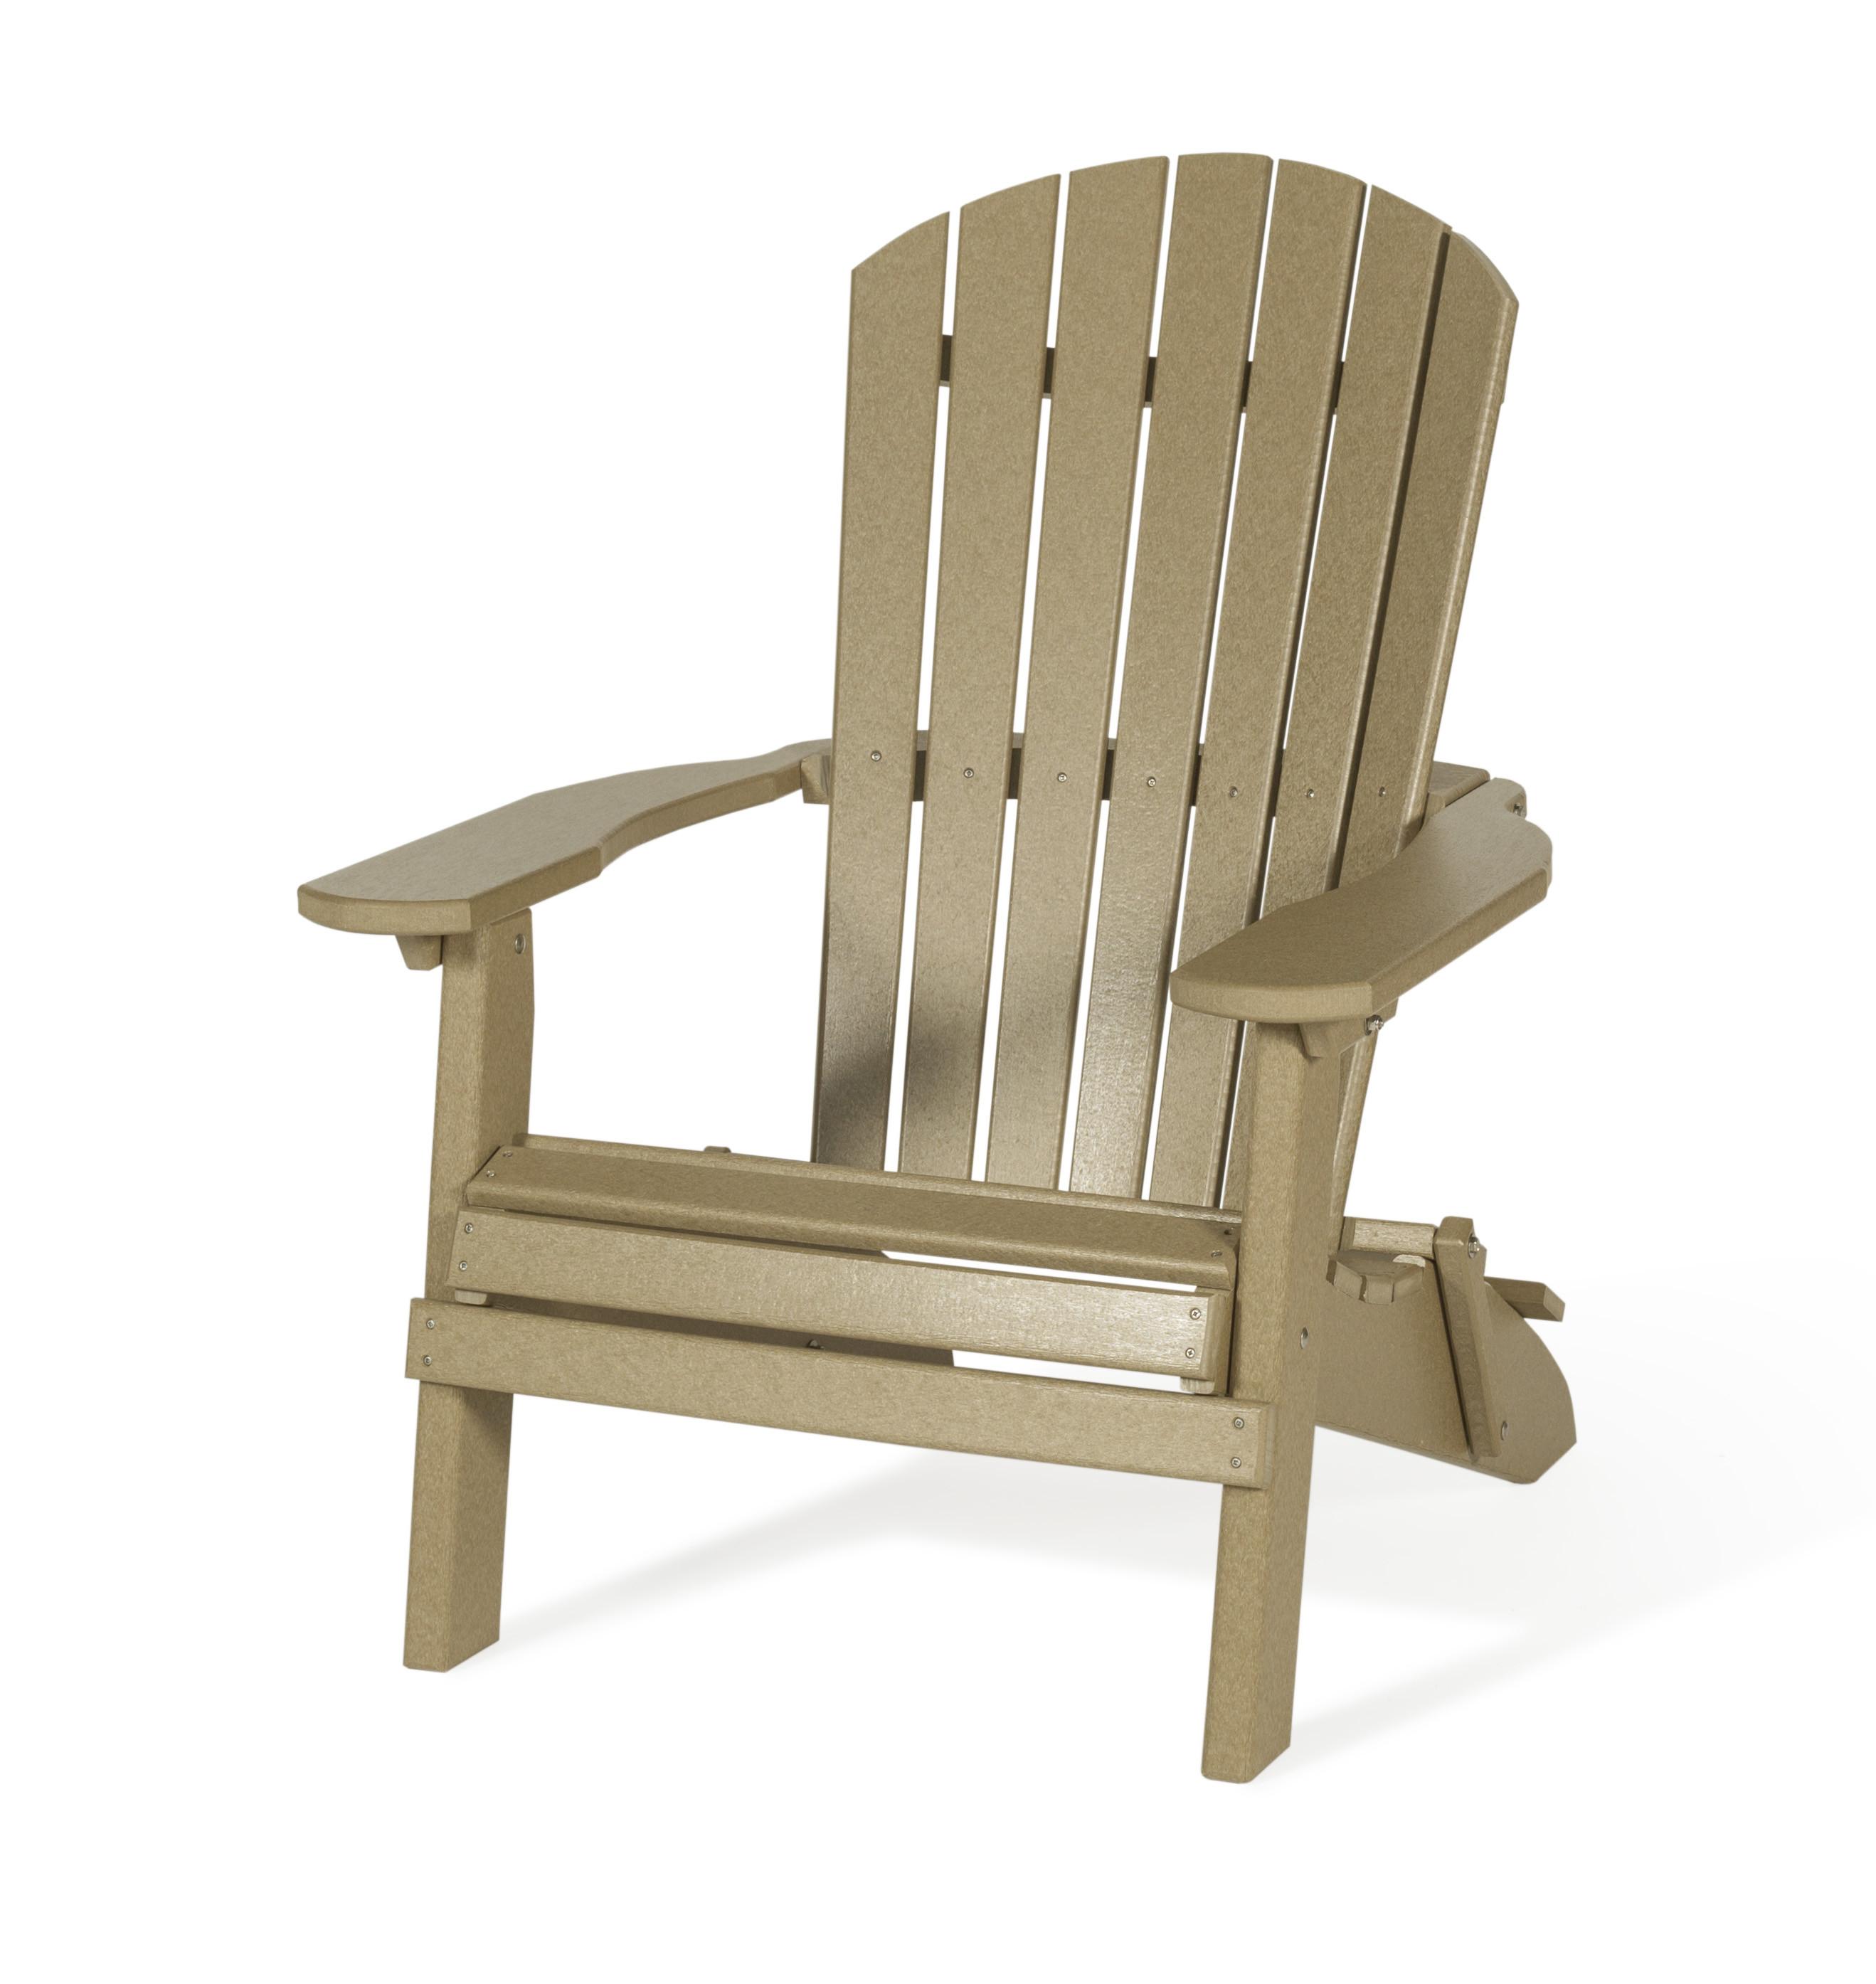 Folding Fan Back Polywood Adirondack Chair - Weatherwood